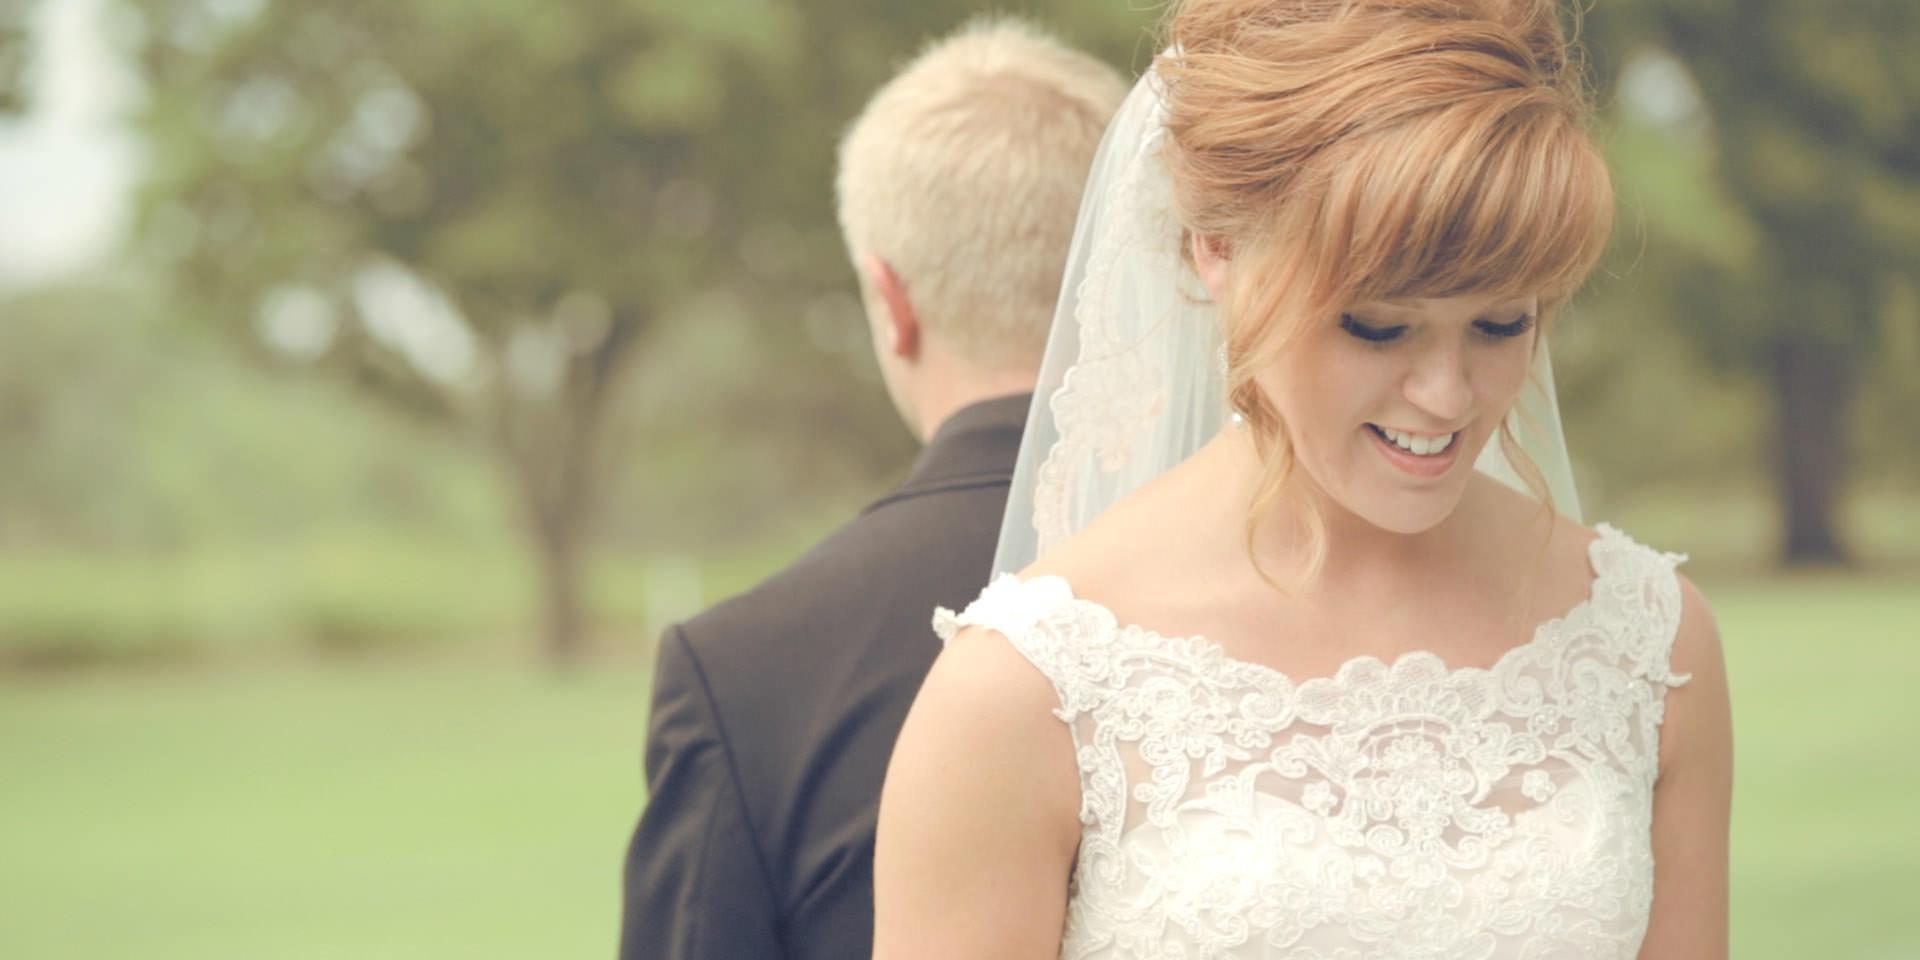 travis&katie wedding story.00_02_50_13.Still005.jpg